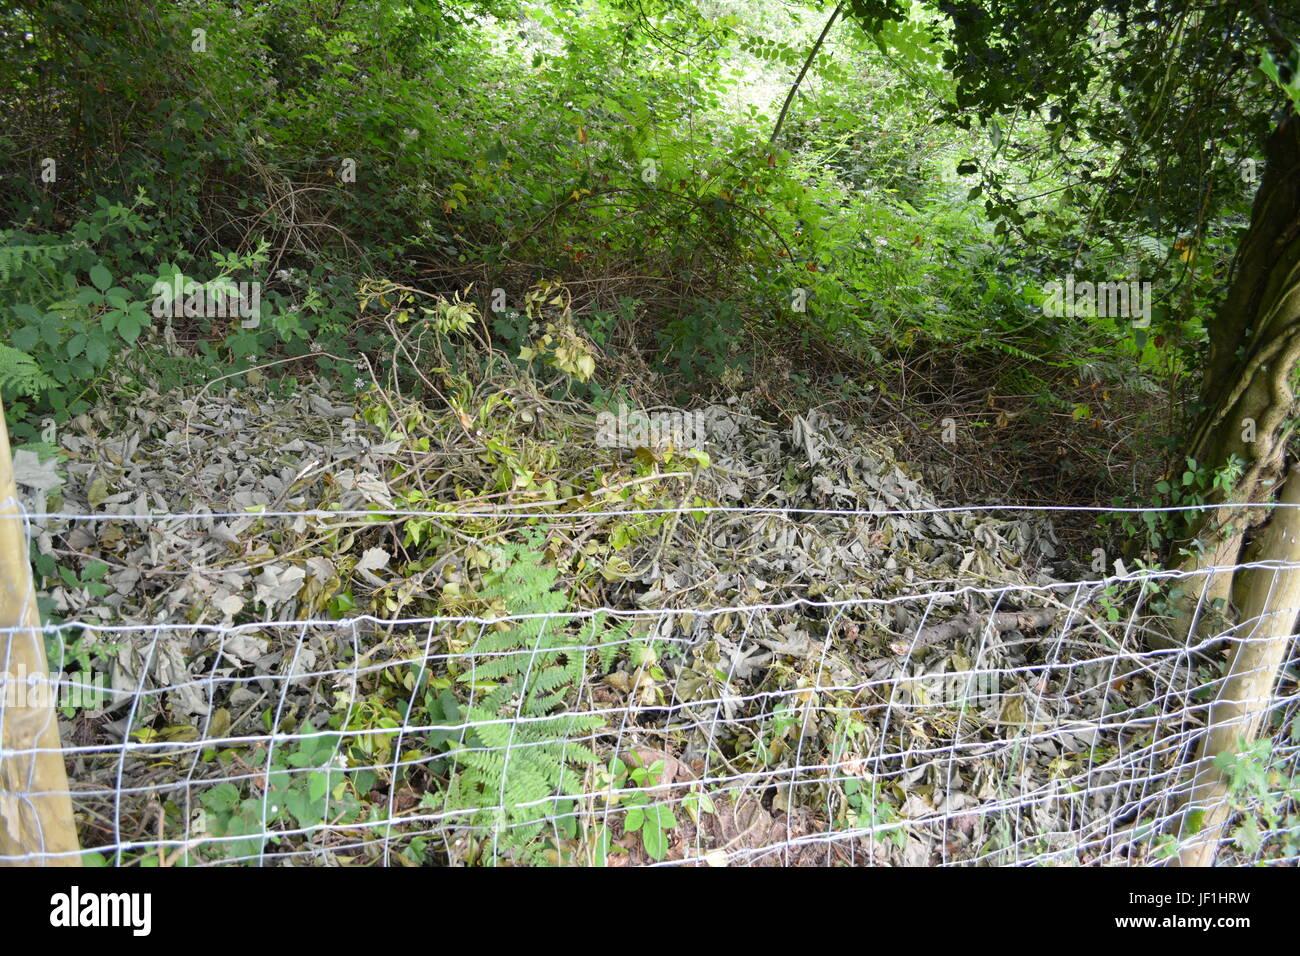 Rotting vegetation over garden fence Stock Photo